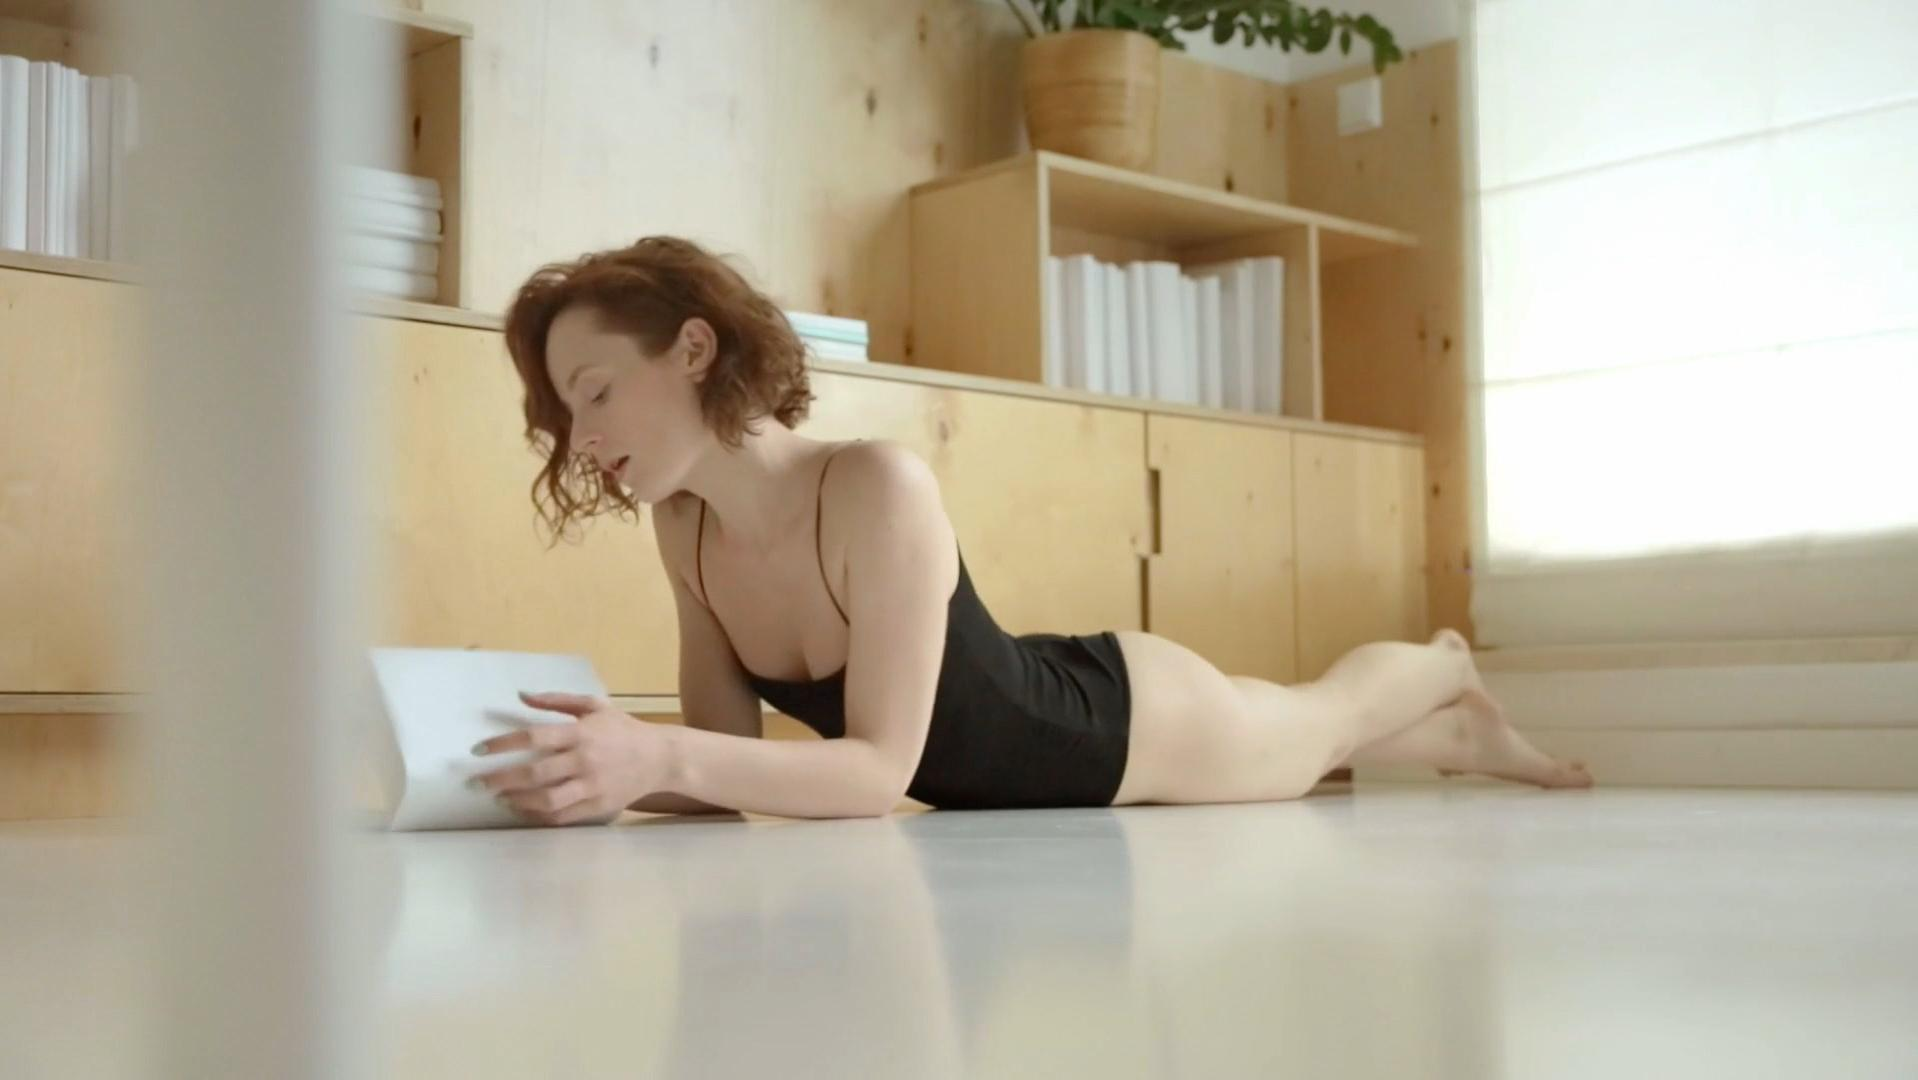 Alicja Czerniewicz nude - Erotyka (2017)